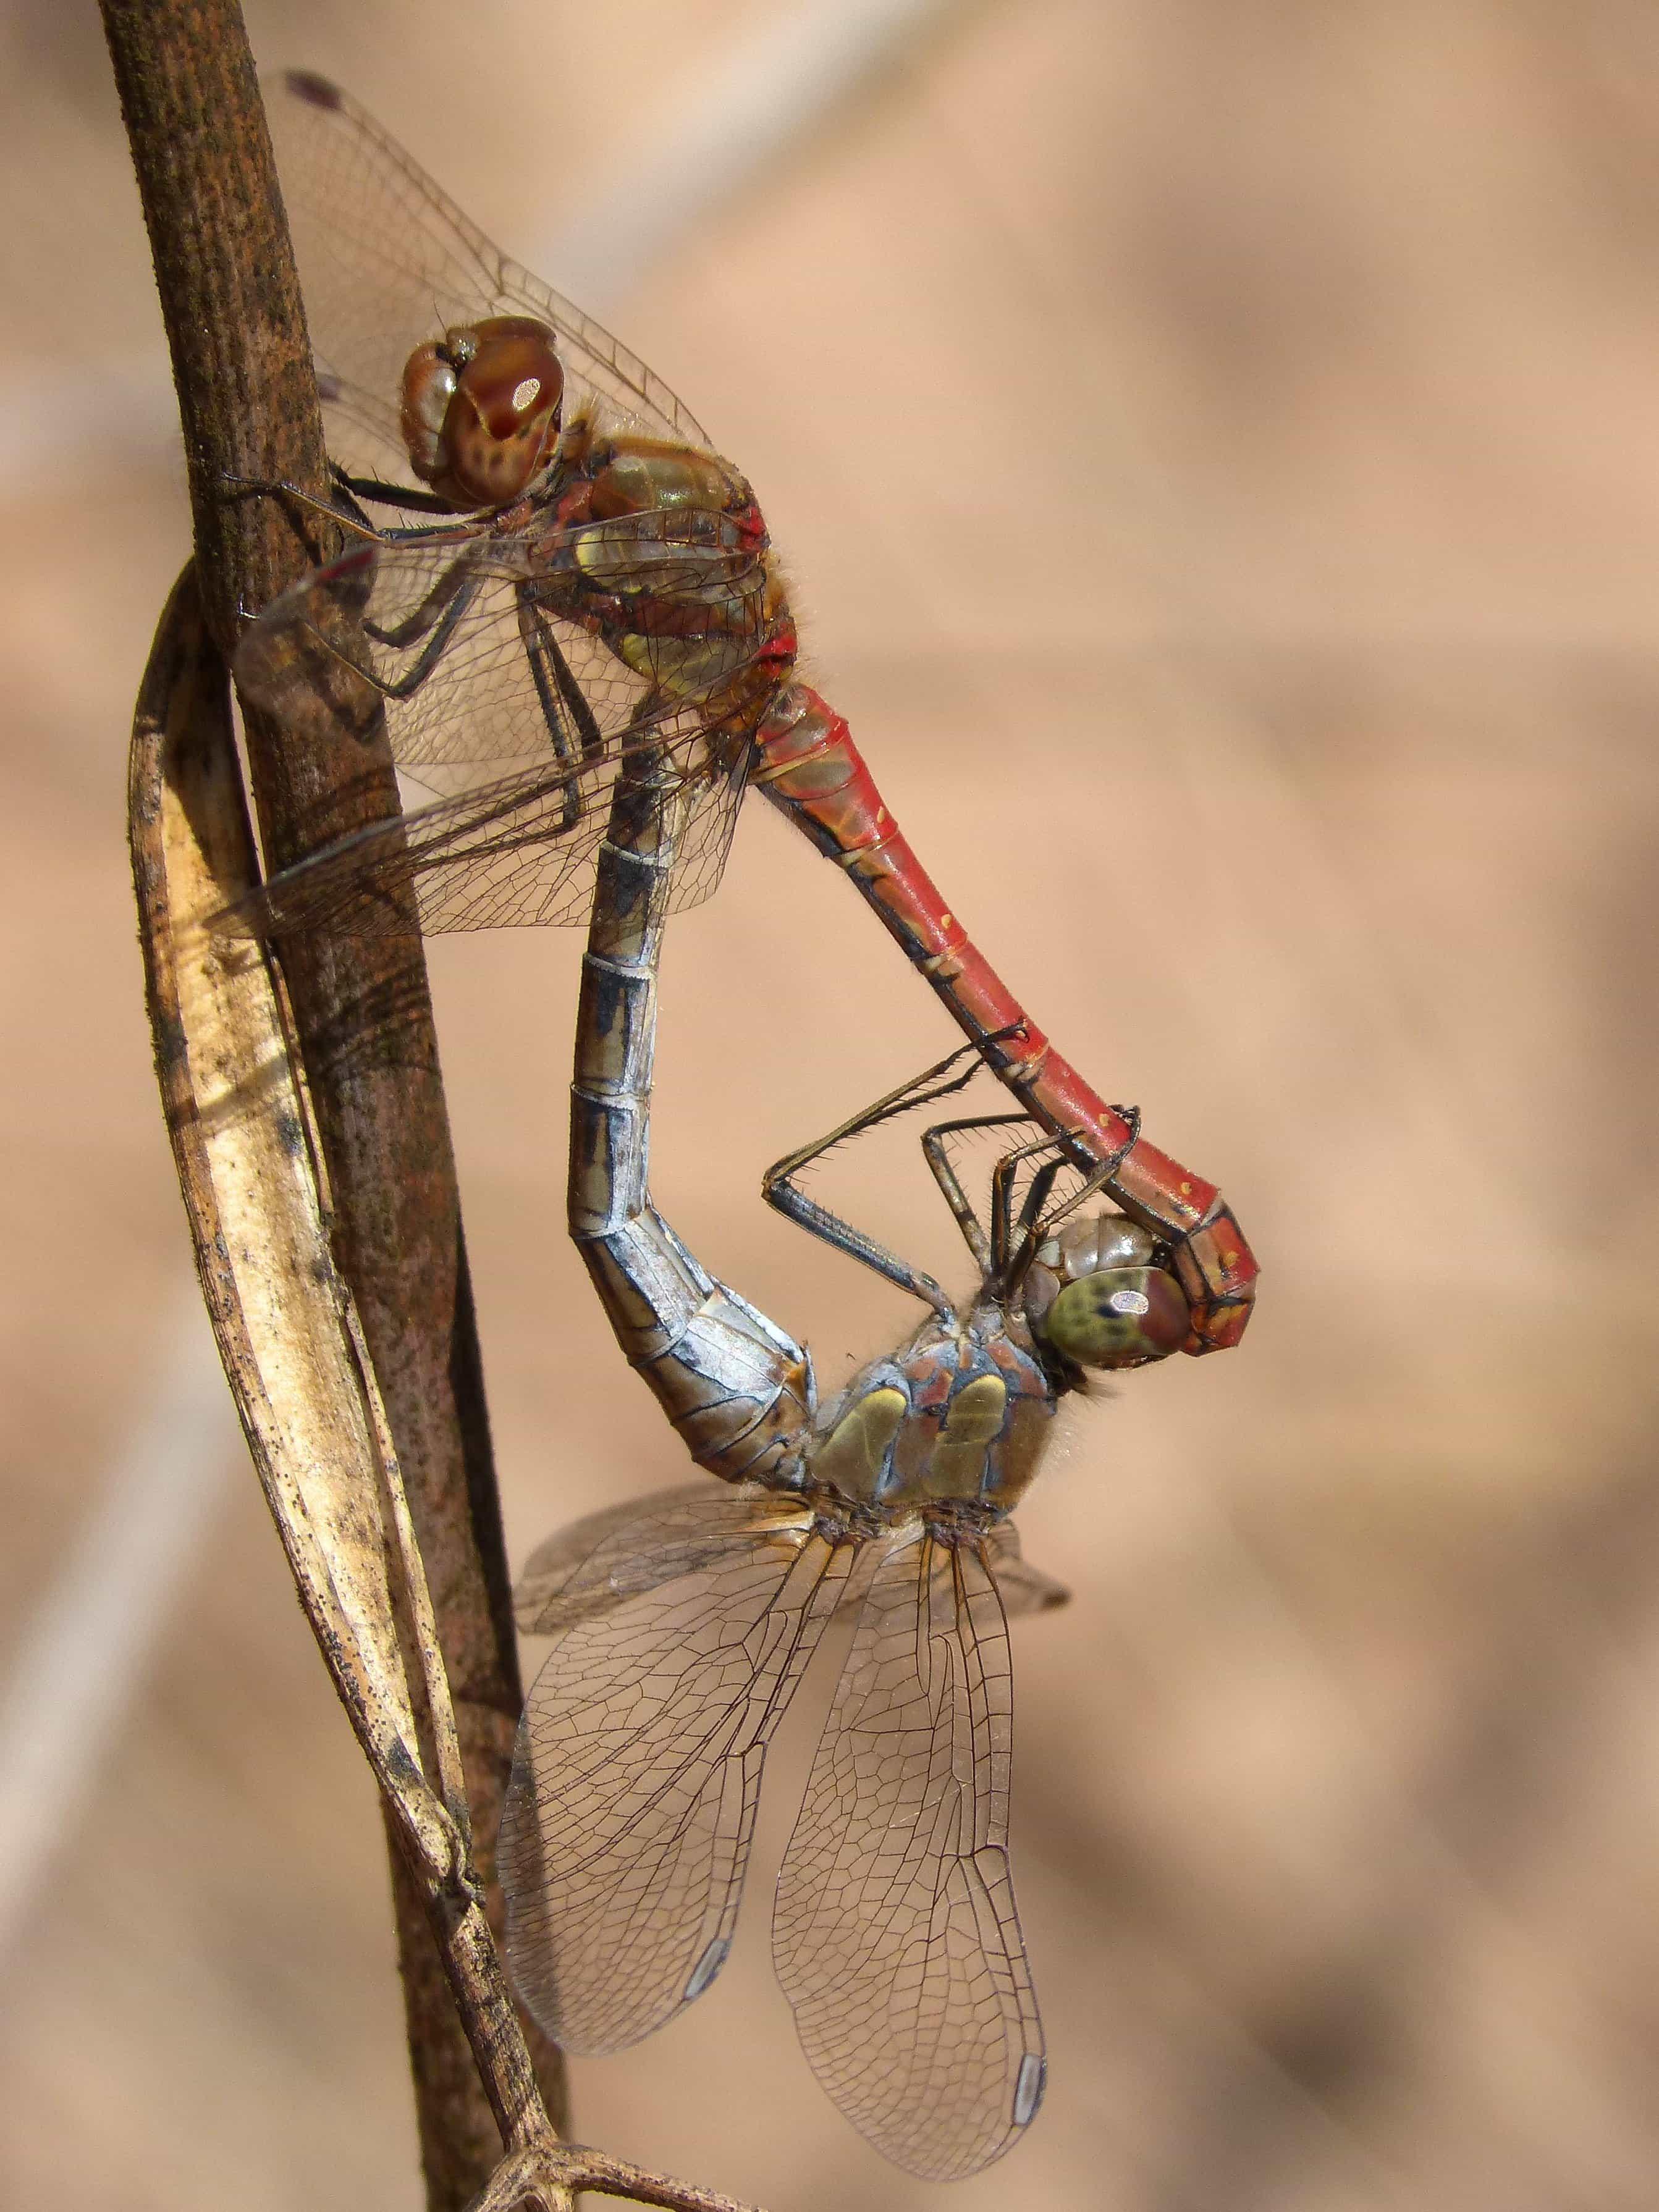 Free Picture Wildlife Macro Invertebrate Nature